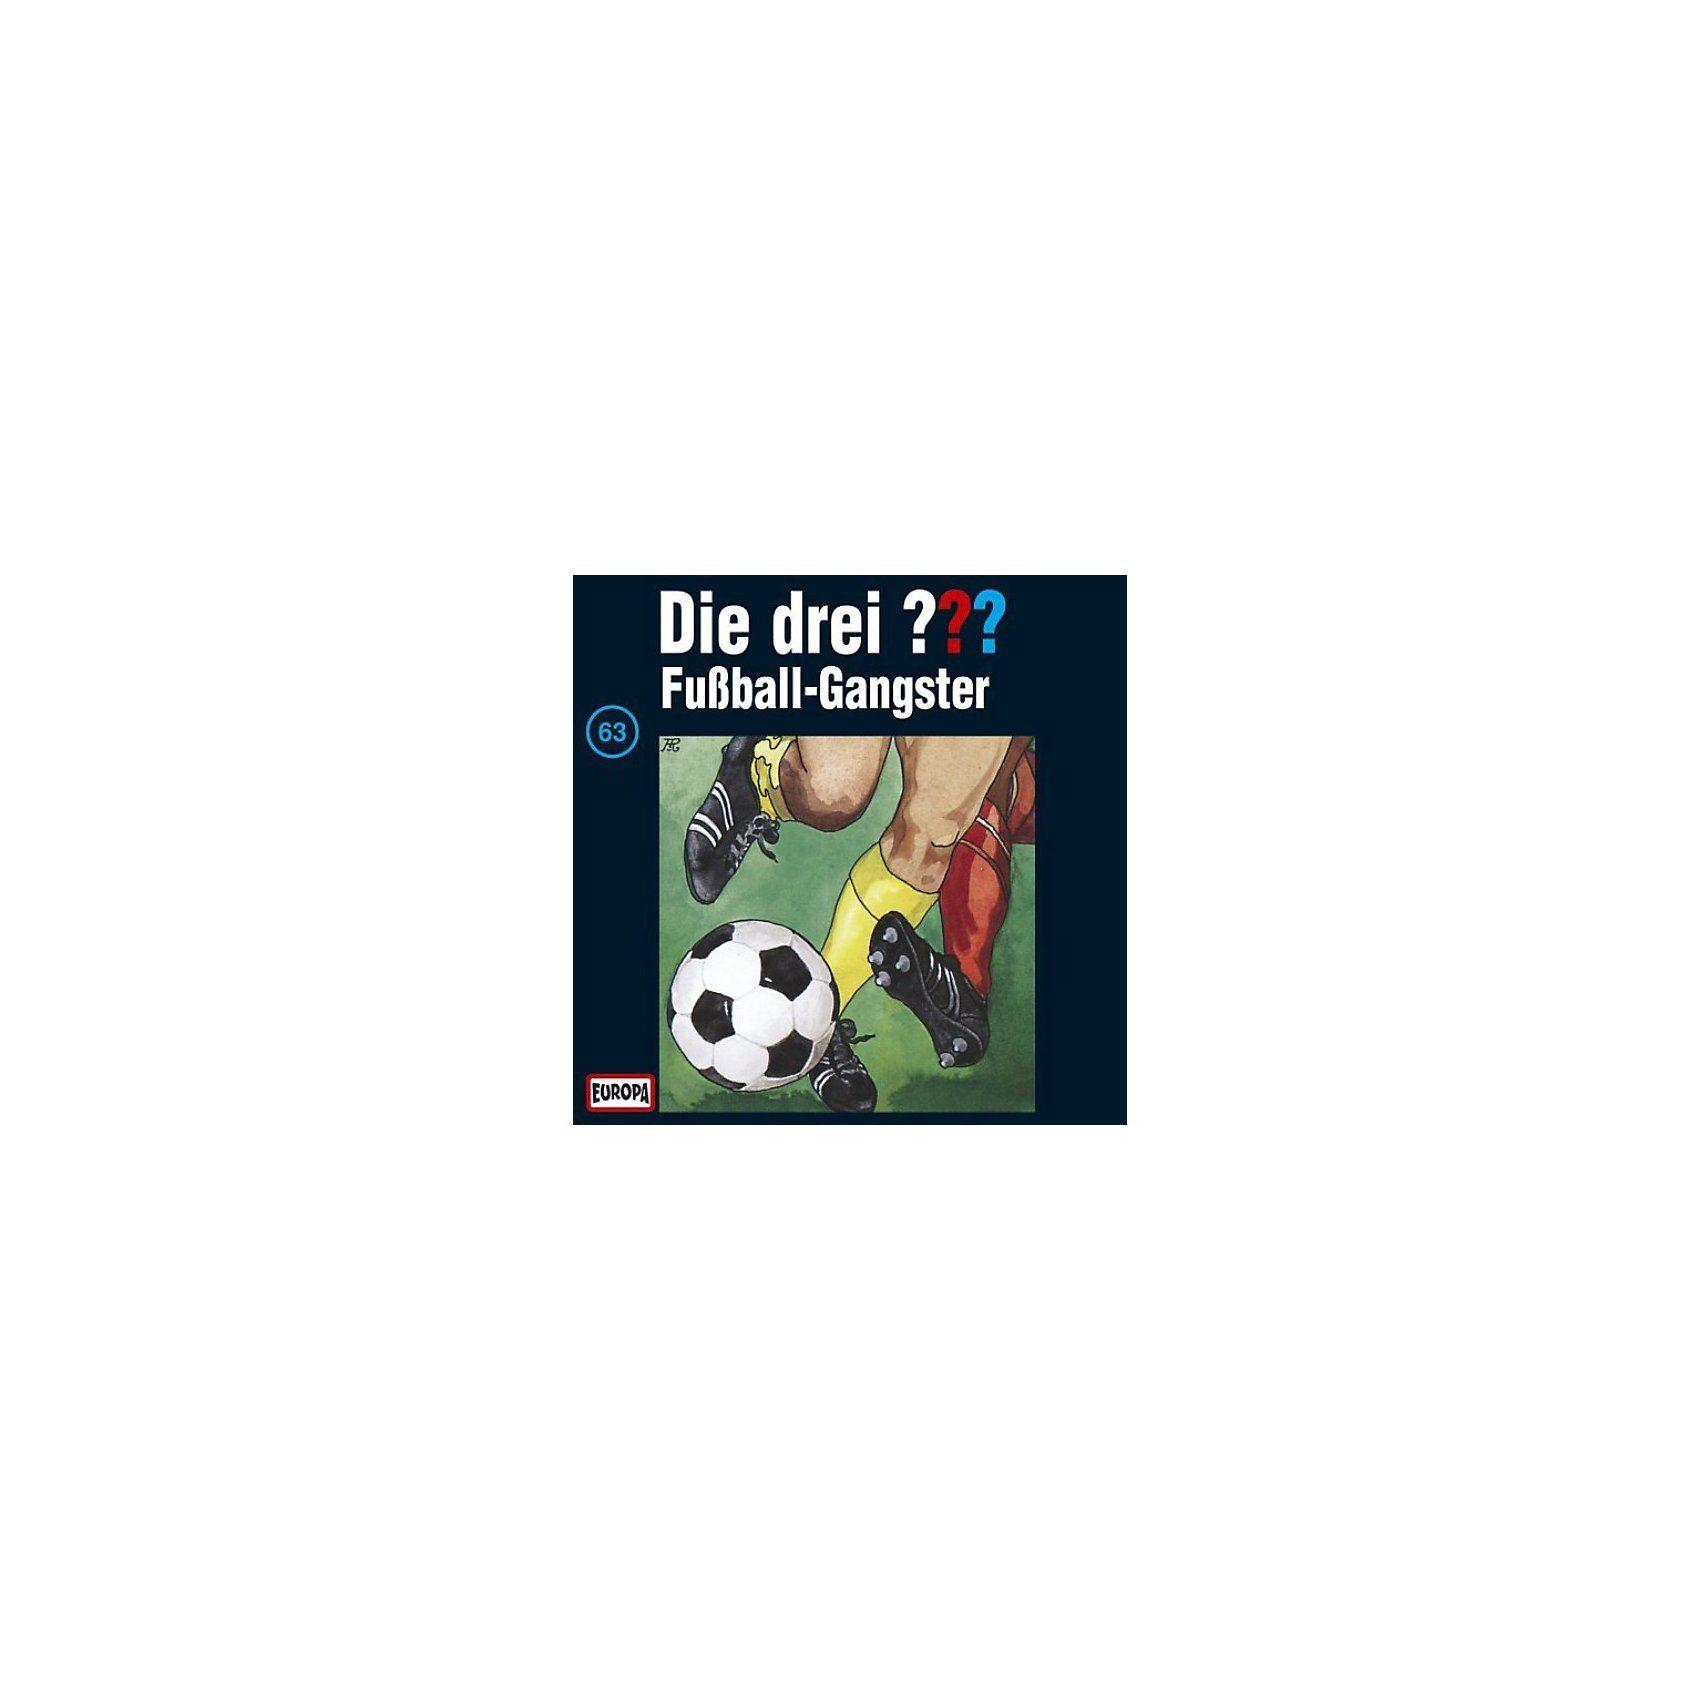 Sony CD Die Drei ??? 063/Fußball-Gangster